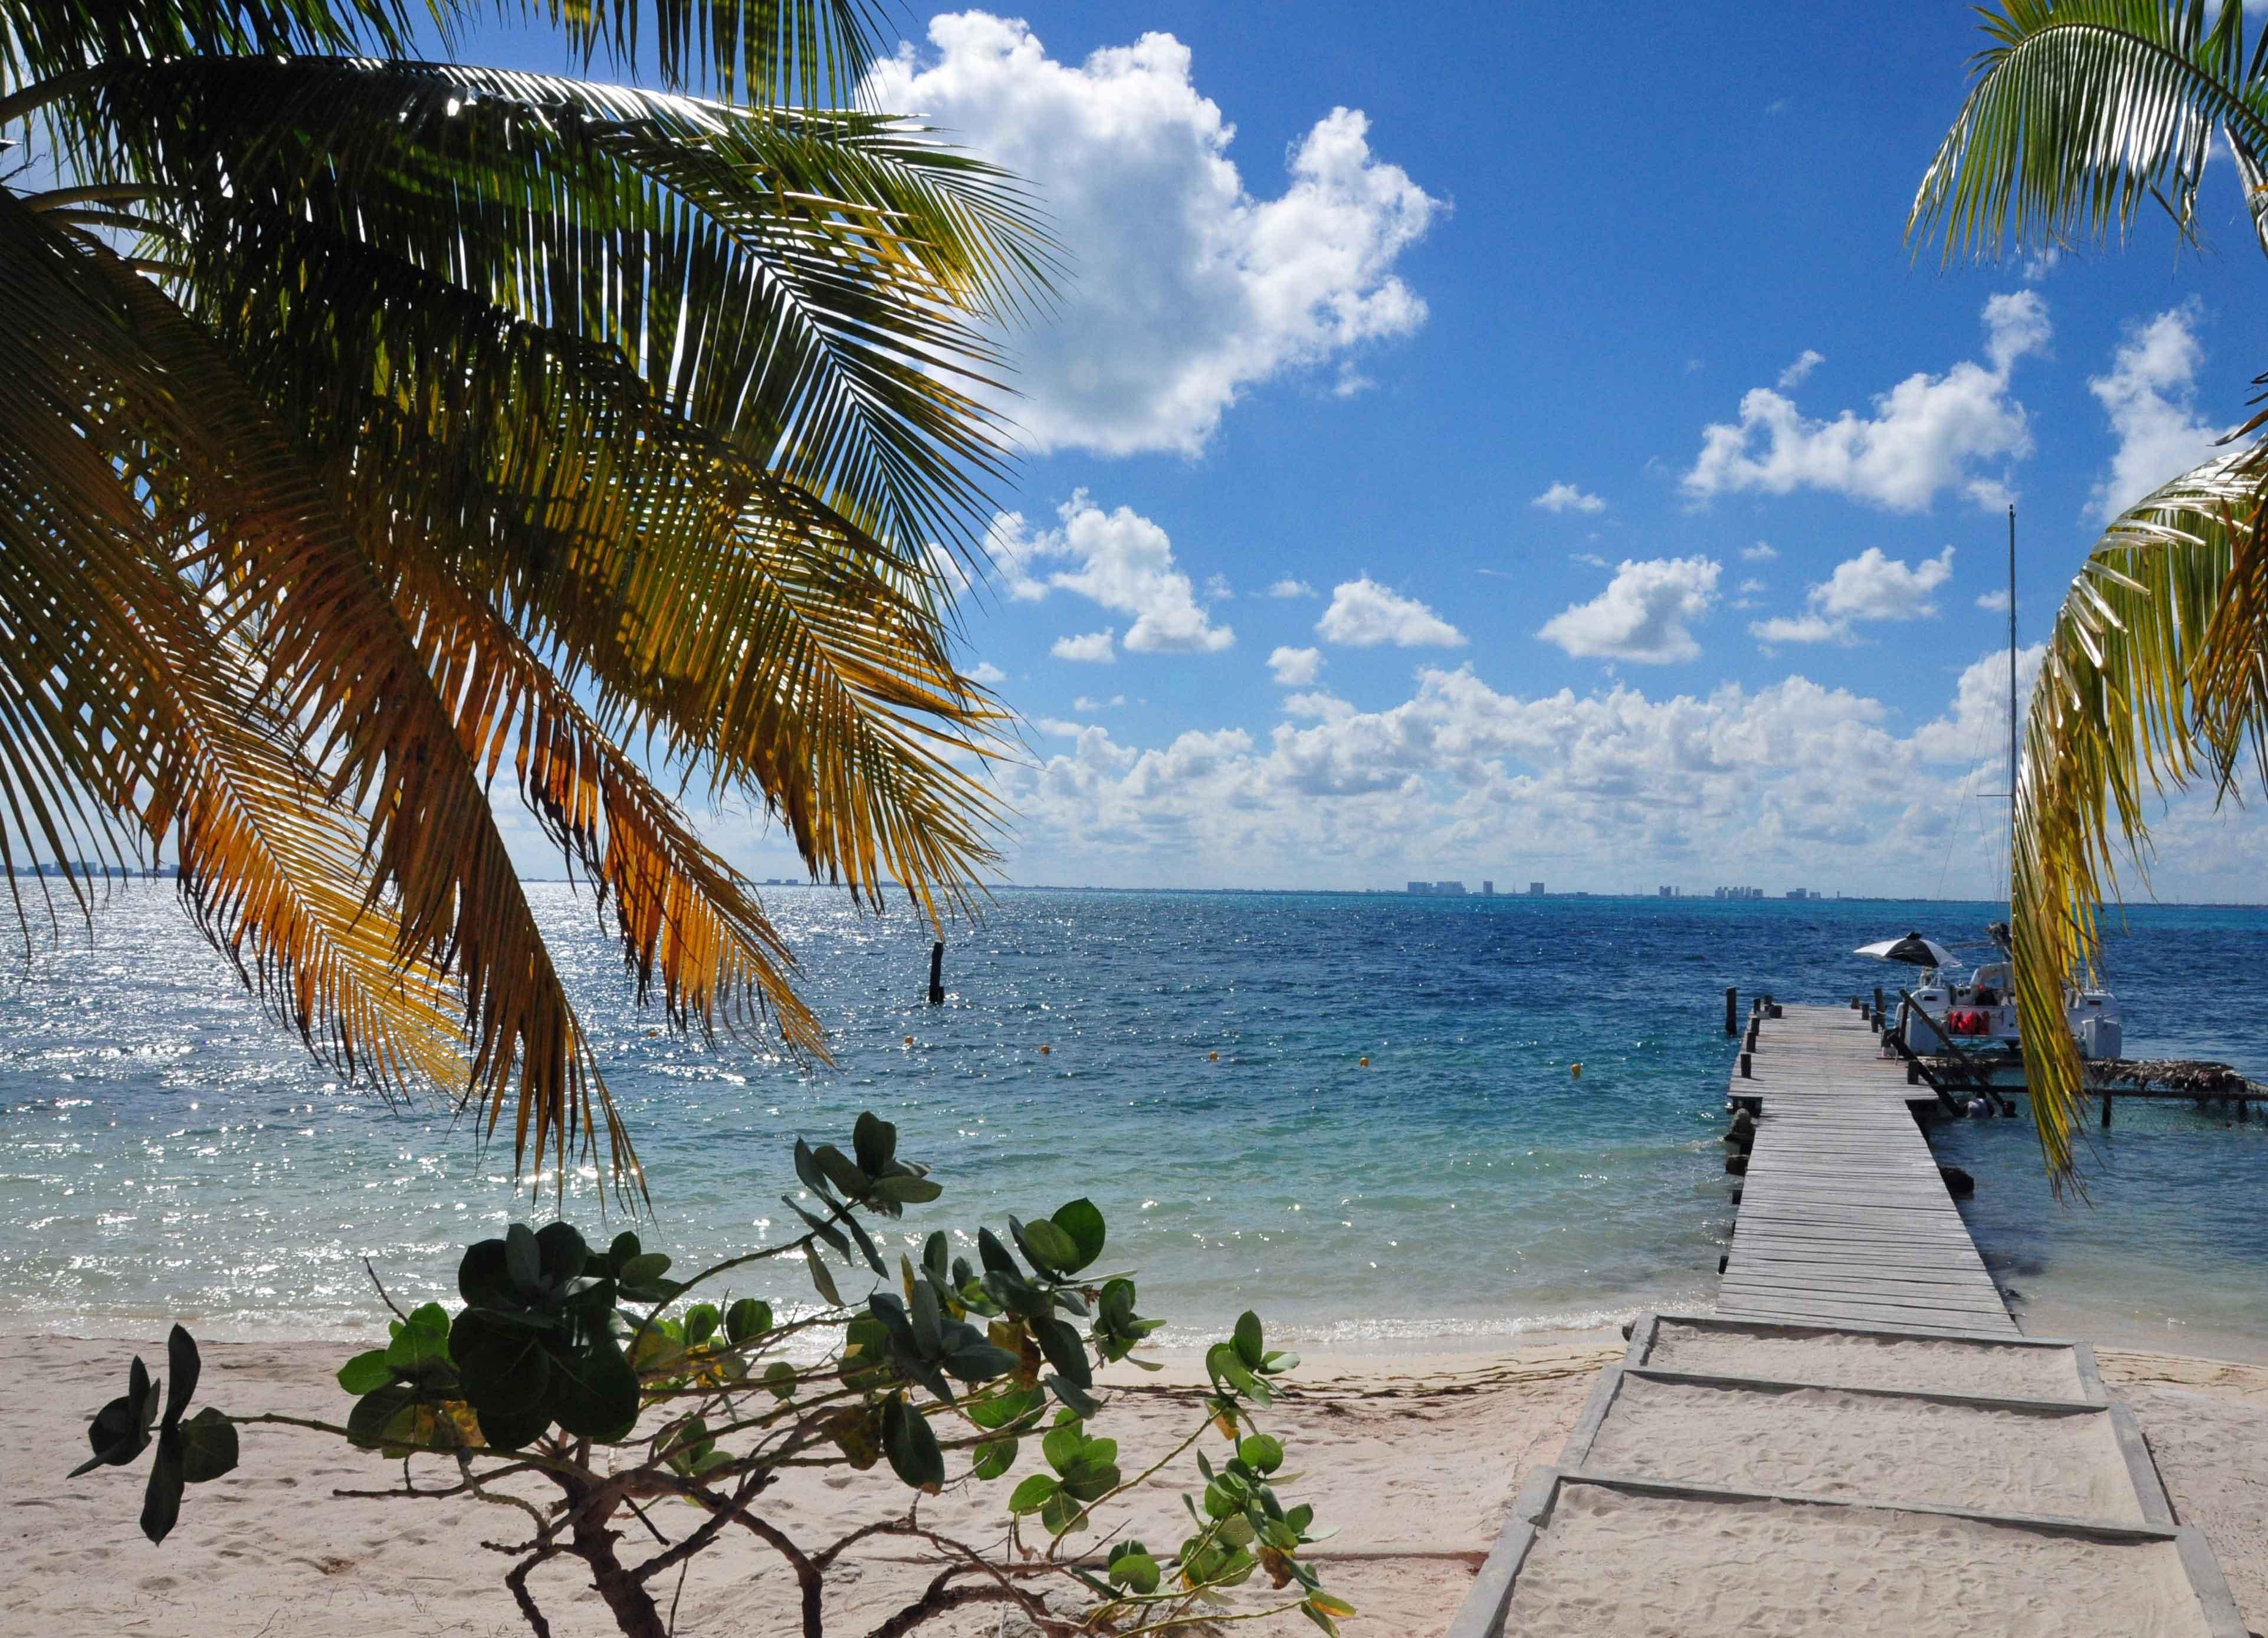 Traumstrand auf der Isla Mujeres.